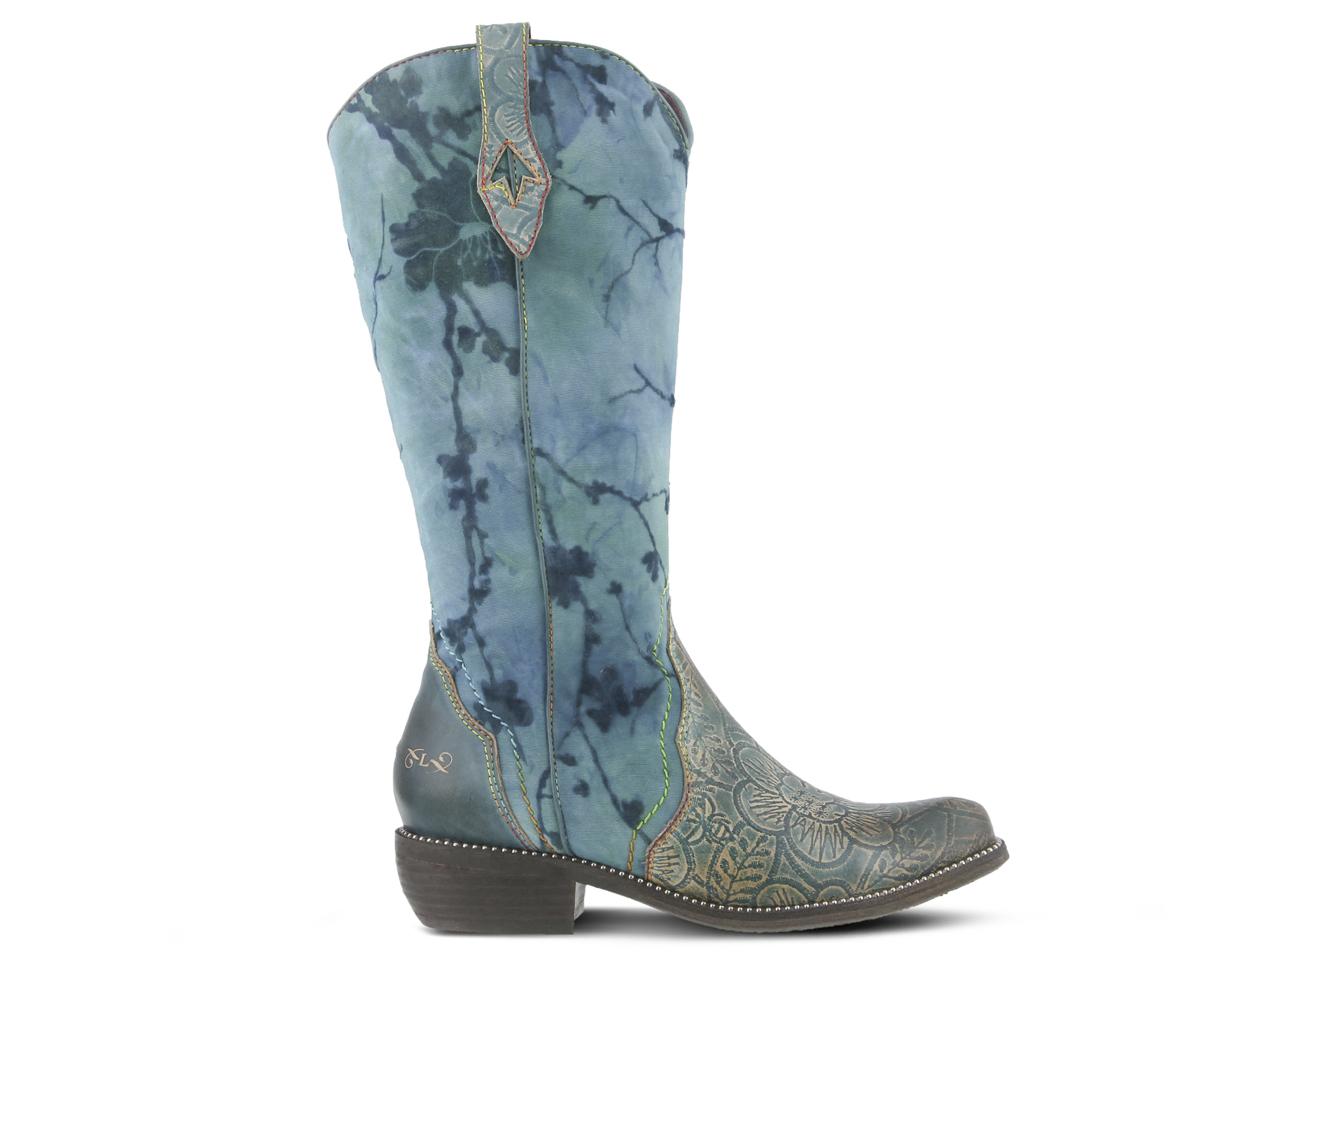 L'Artiste Laretilyn Women's Boots (Blue Leather)